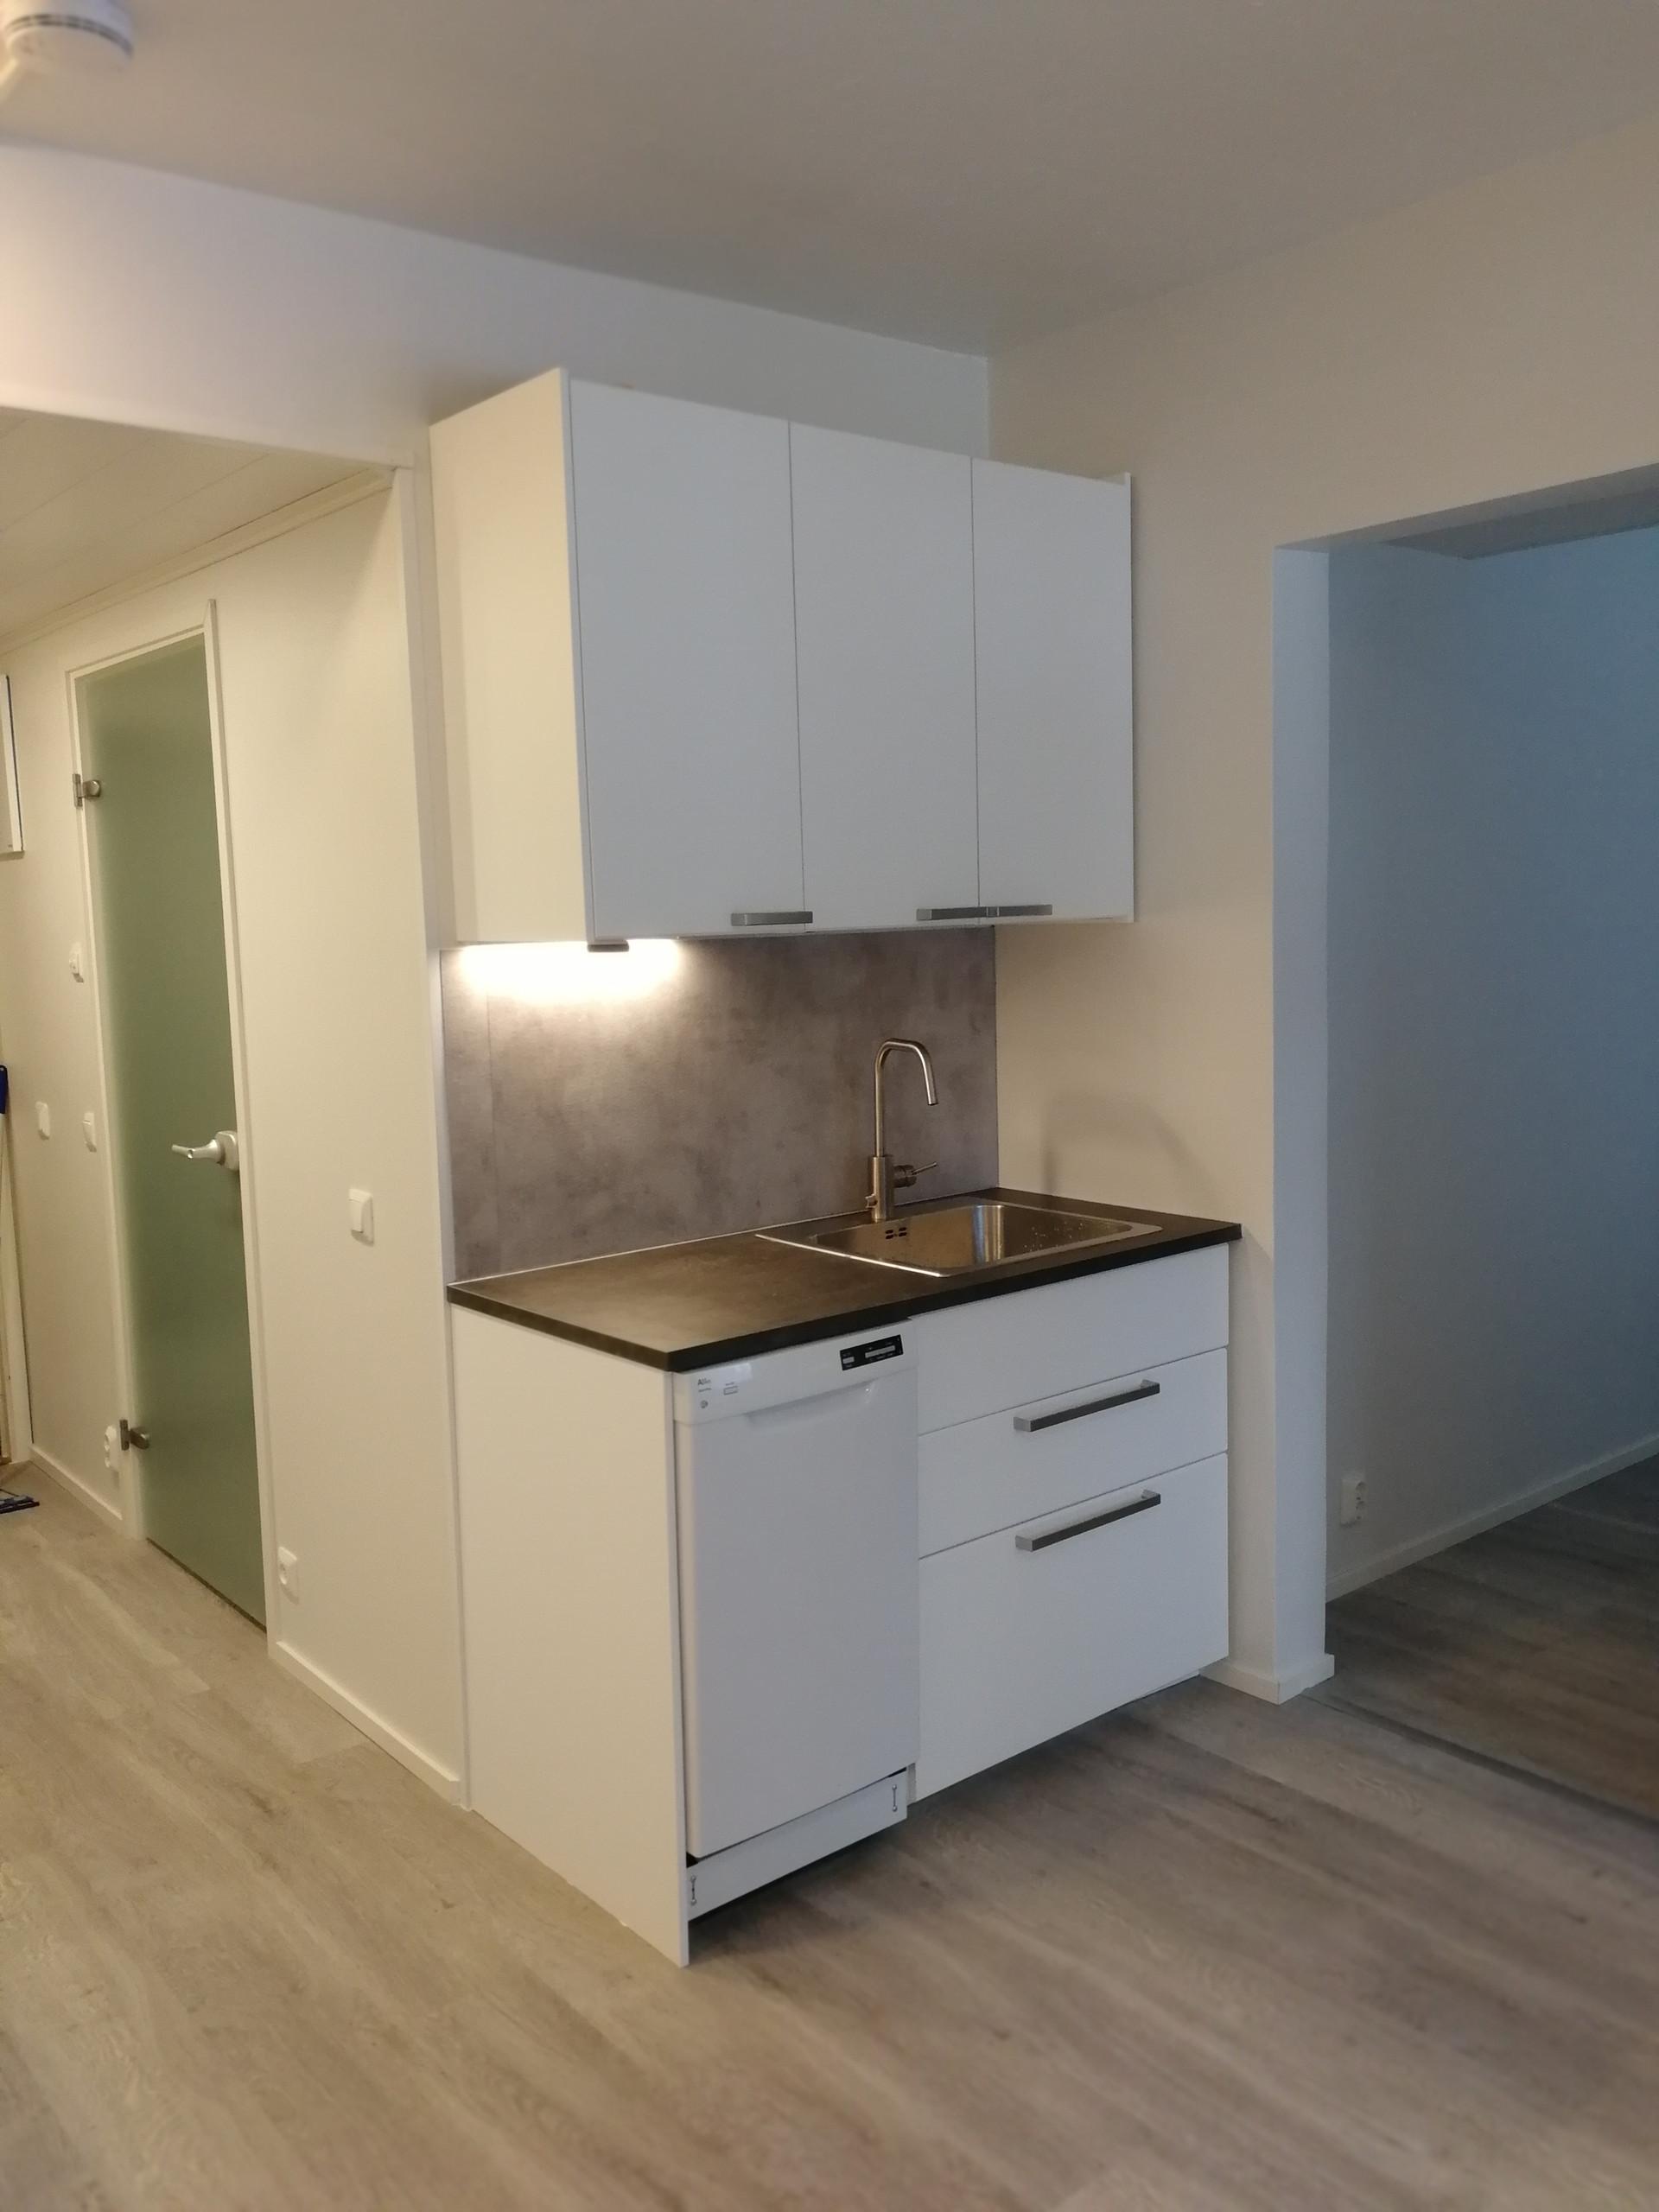 Huoneisto/Keittiöremontti